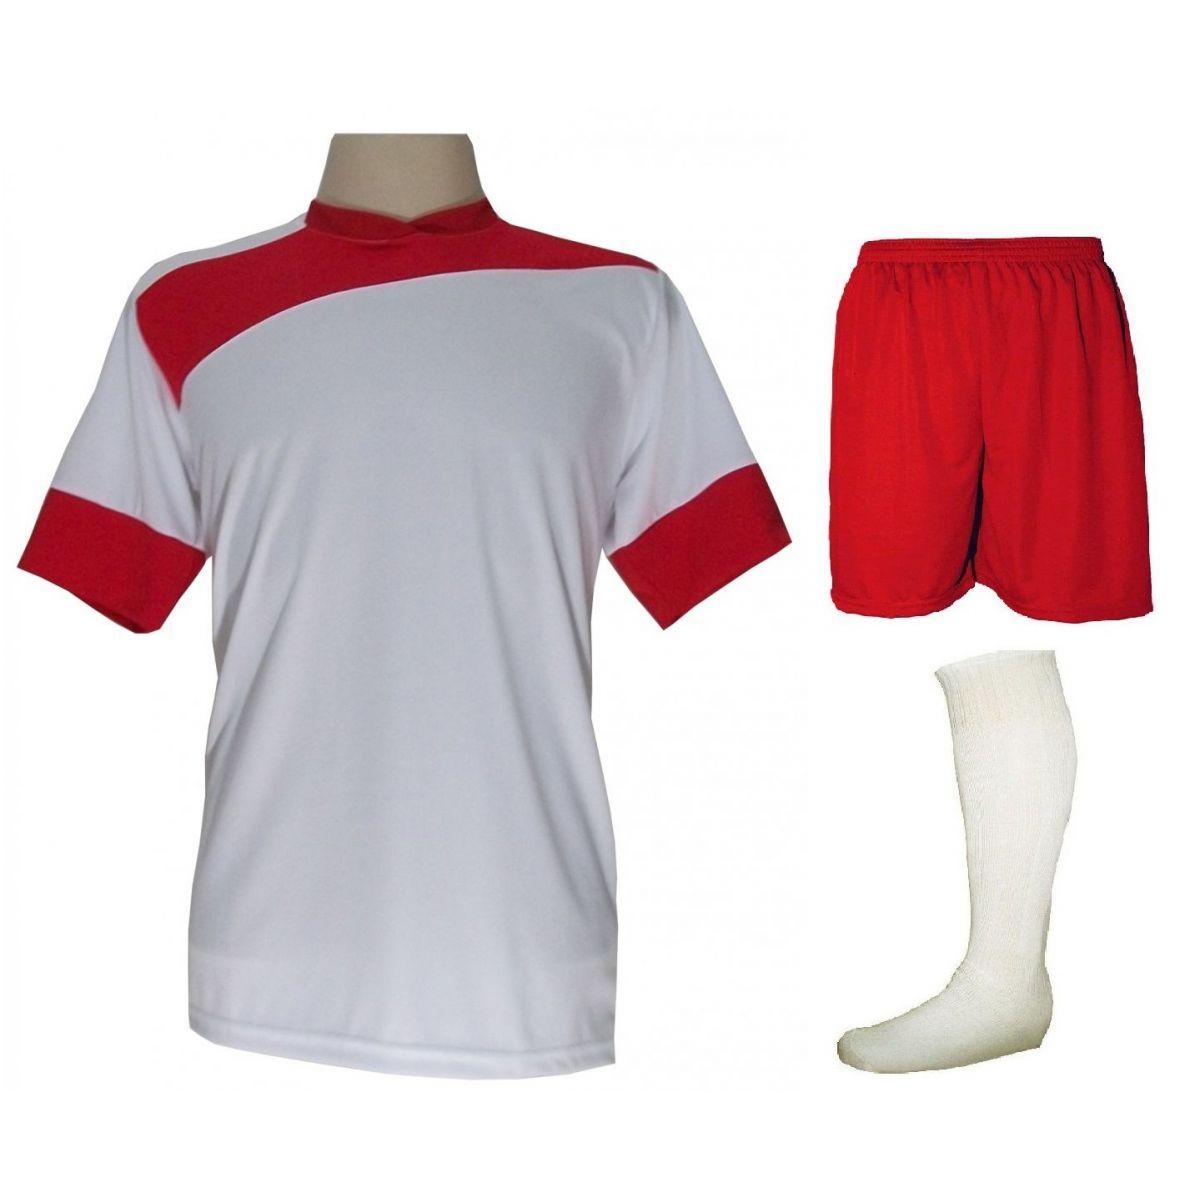 Uniforme Esportivo Completo modelo Sporting 14+1 (14 camisas Branco/Vermelho + 14 calções Madrid Vermelho + 14 pares de meiões Brancos + 1 conjunto de goleiro) + Brindes